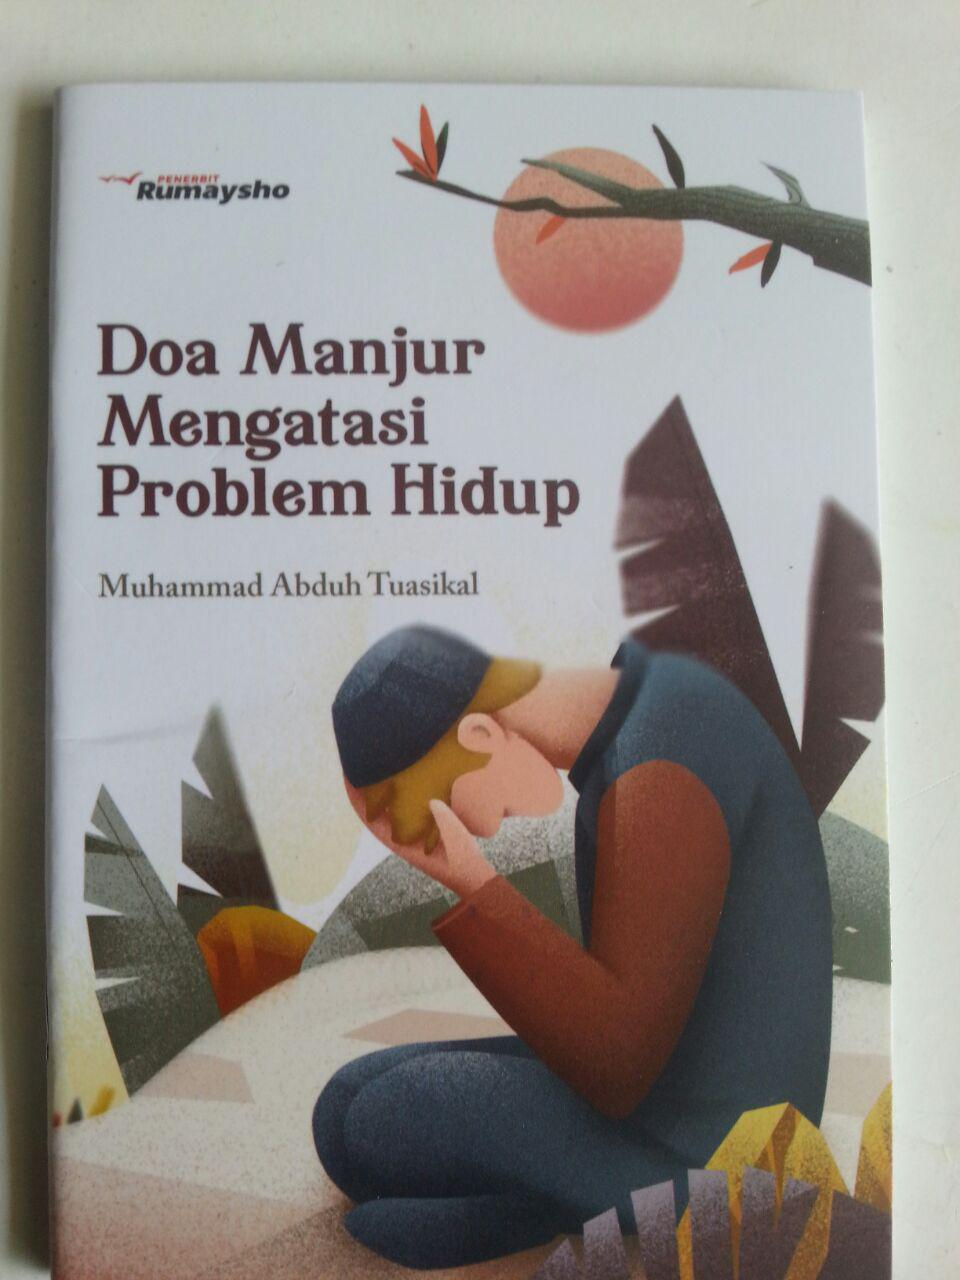 Buku Saku Doa Manjur Mengatasi Problem Hidup cover 2